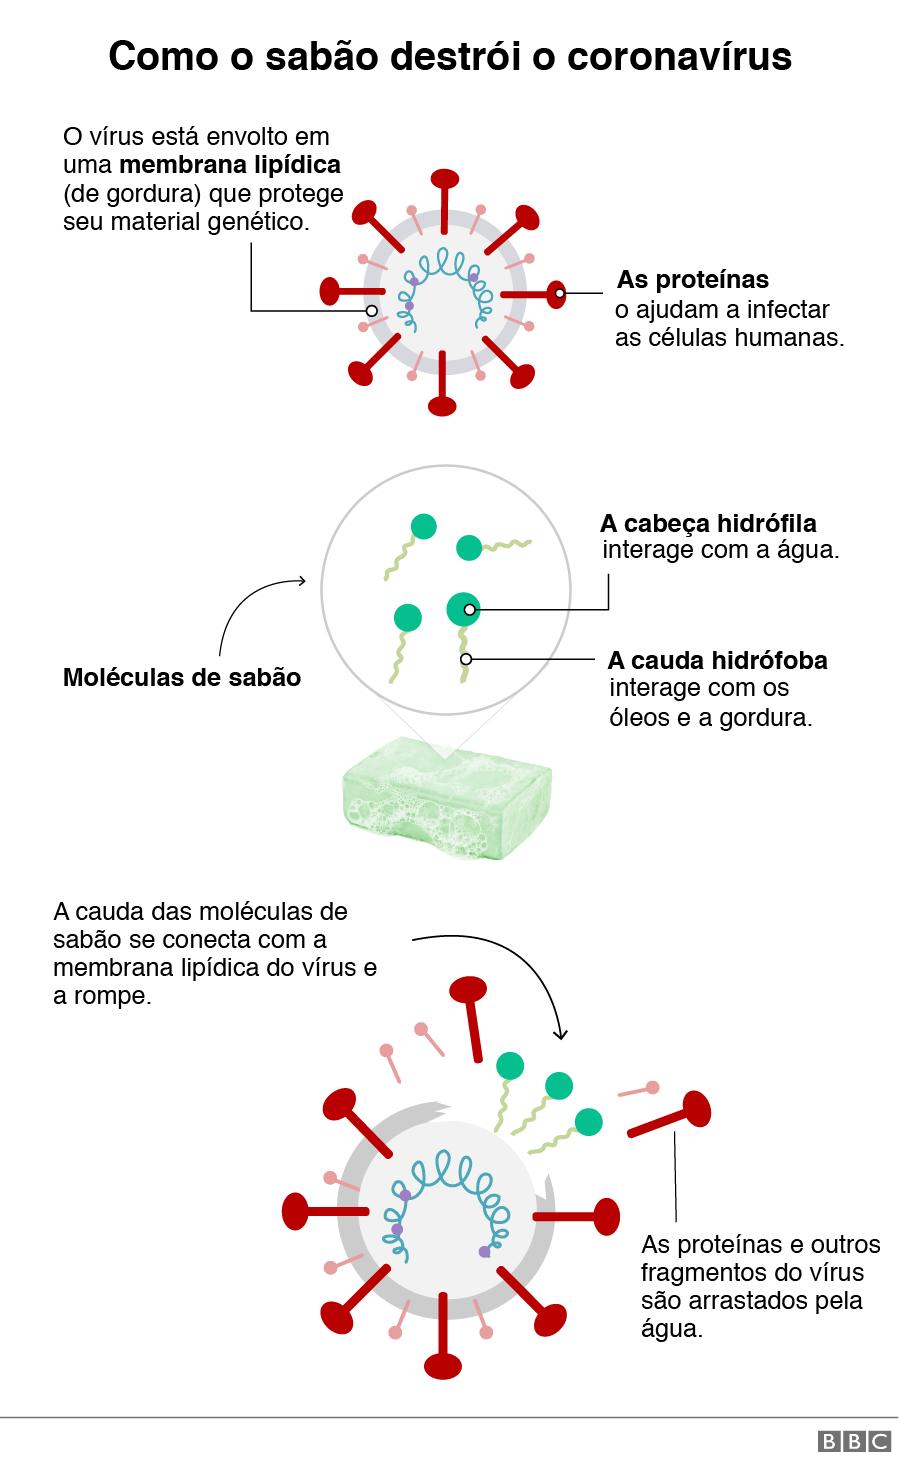 Representação gráfica de como o sabão destrói o coronavírus.